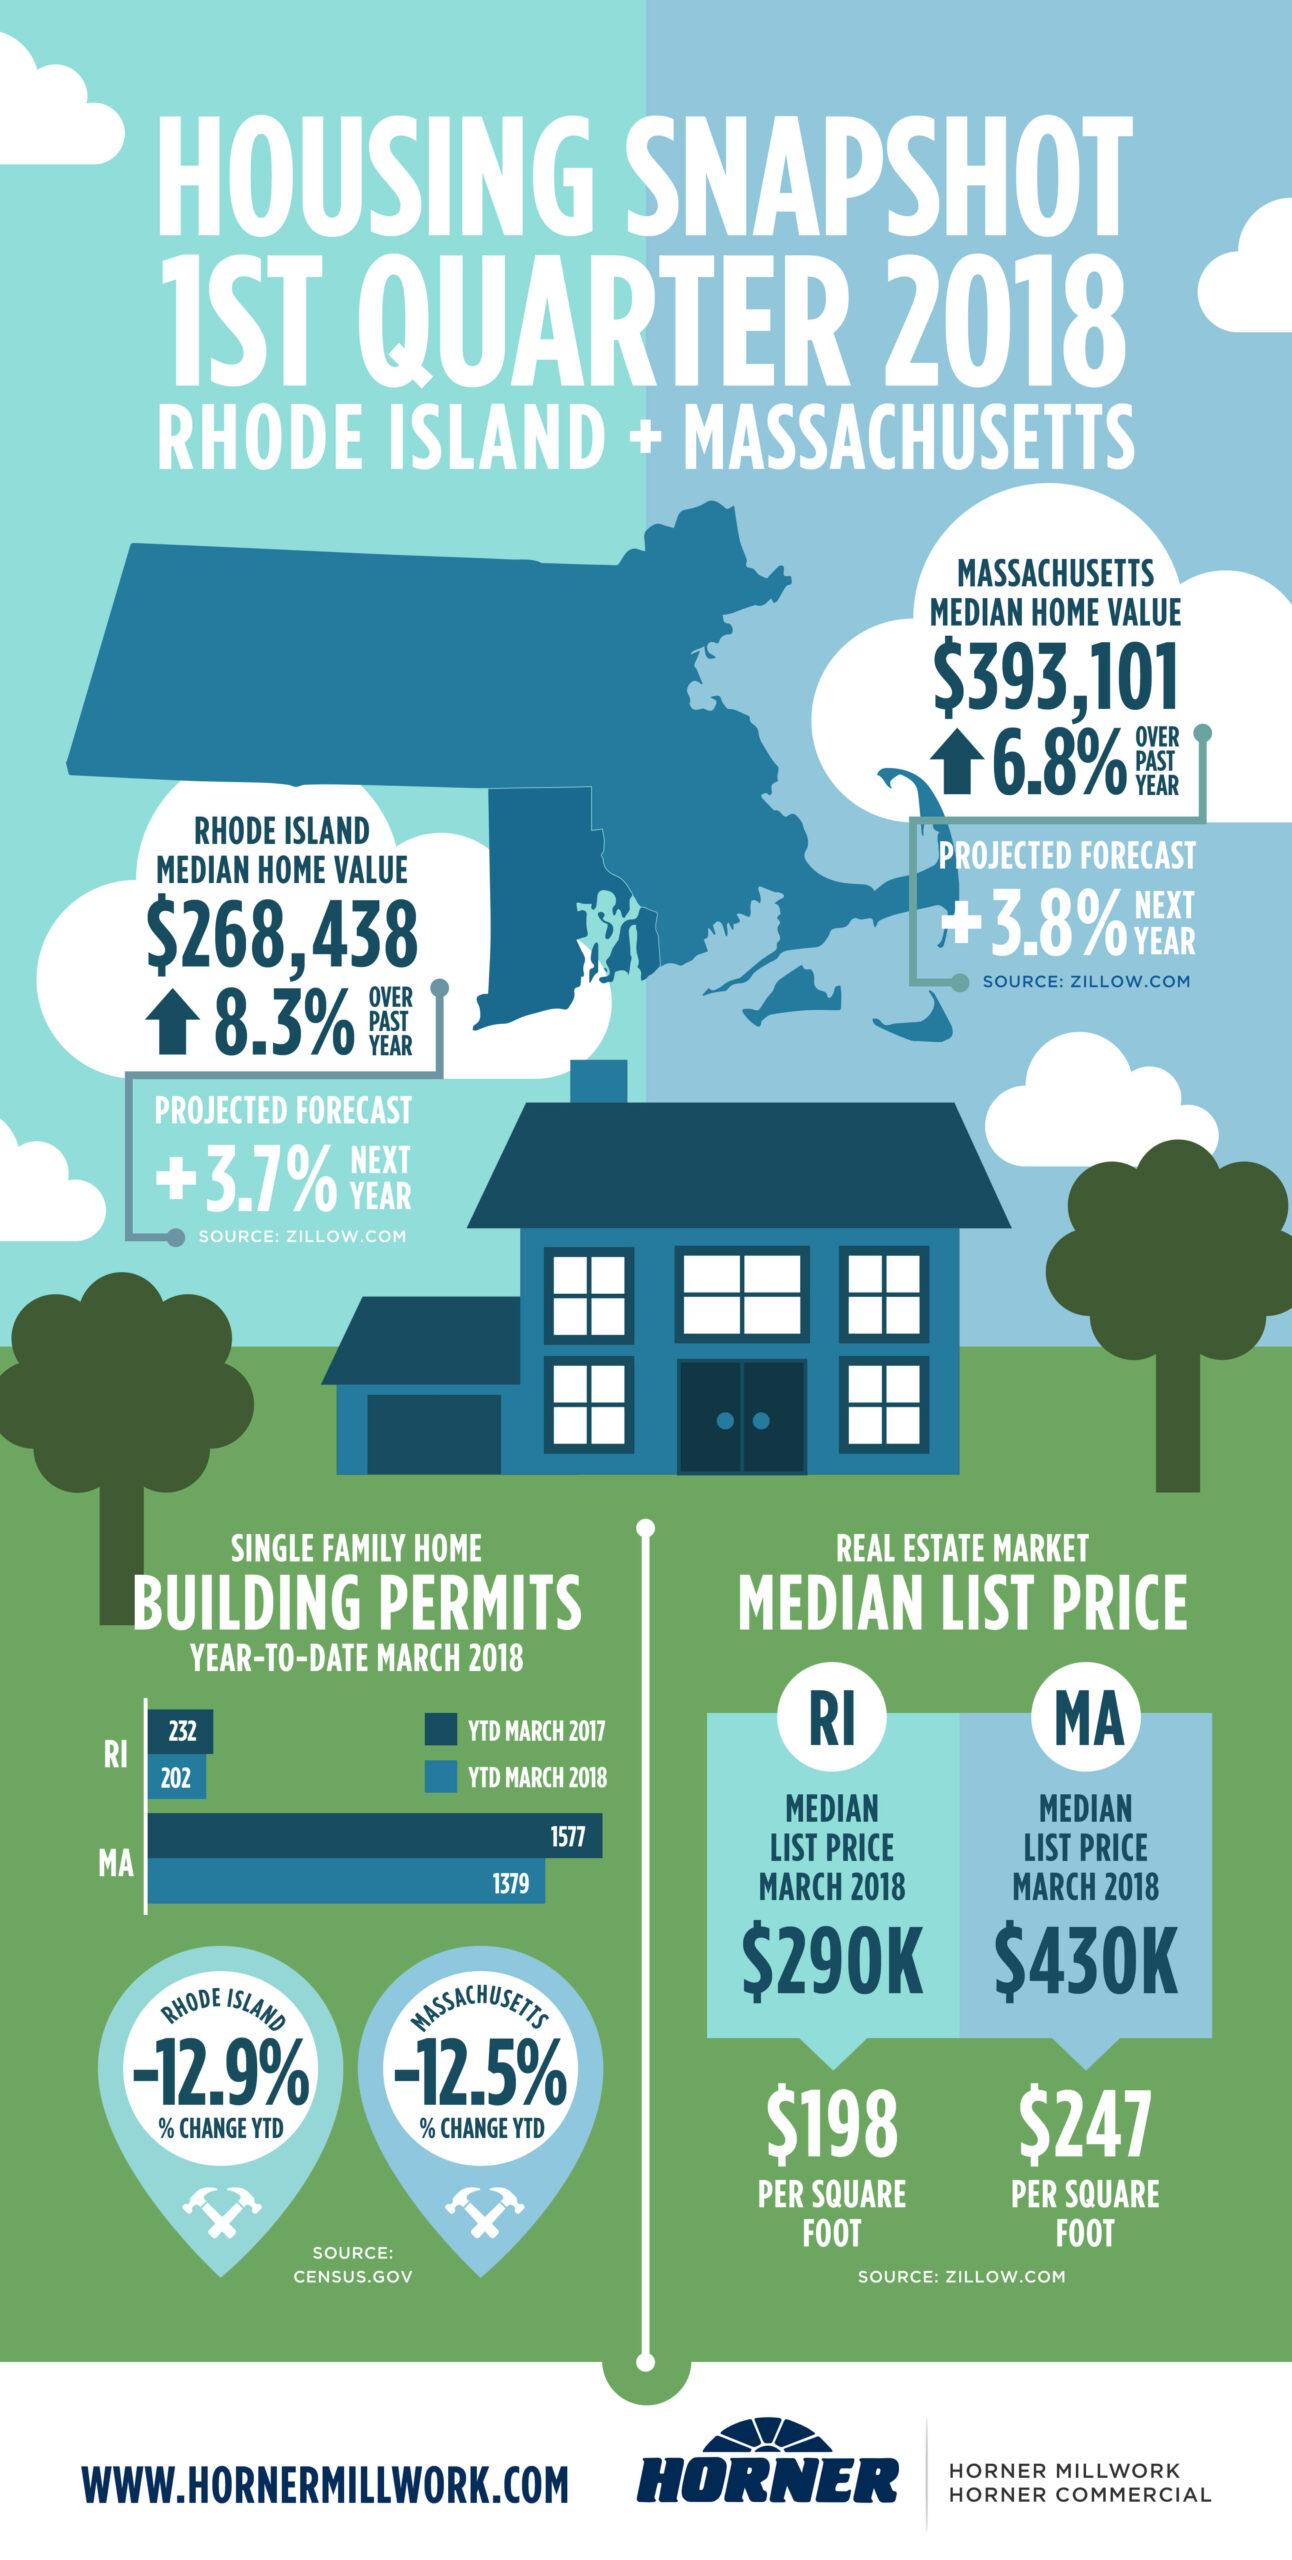 Banner for Housing snapshot blog post